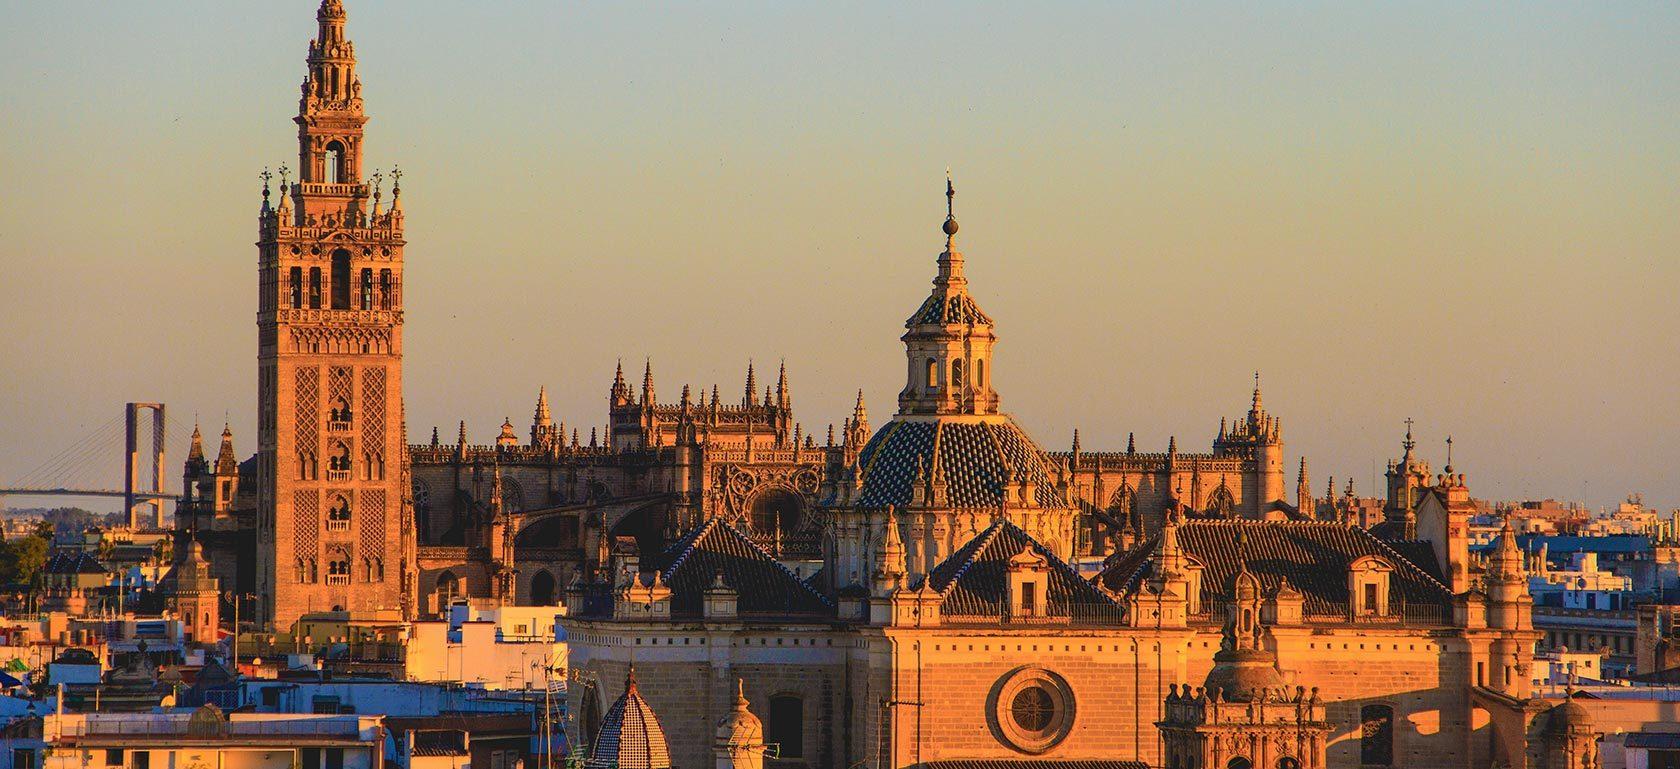 کلیسای جامع سویل (Catedral de Sevilla) در کشور اسپانیا